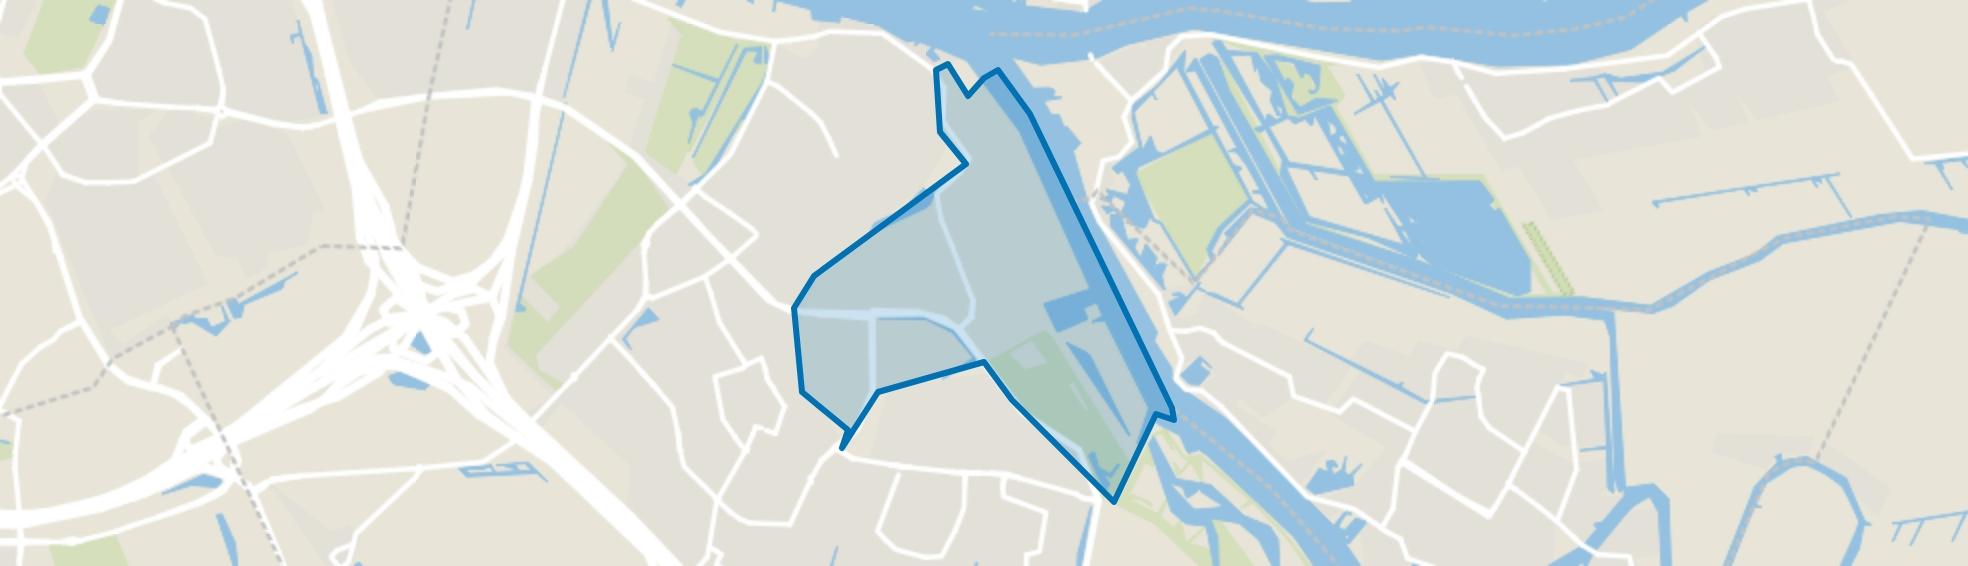 Donkersloot, Ridderkerk map